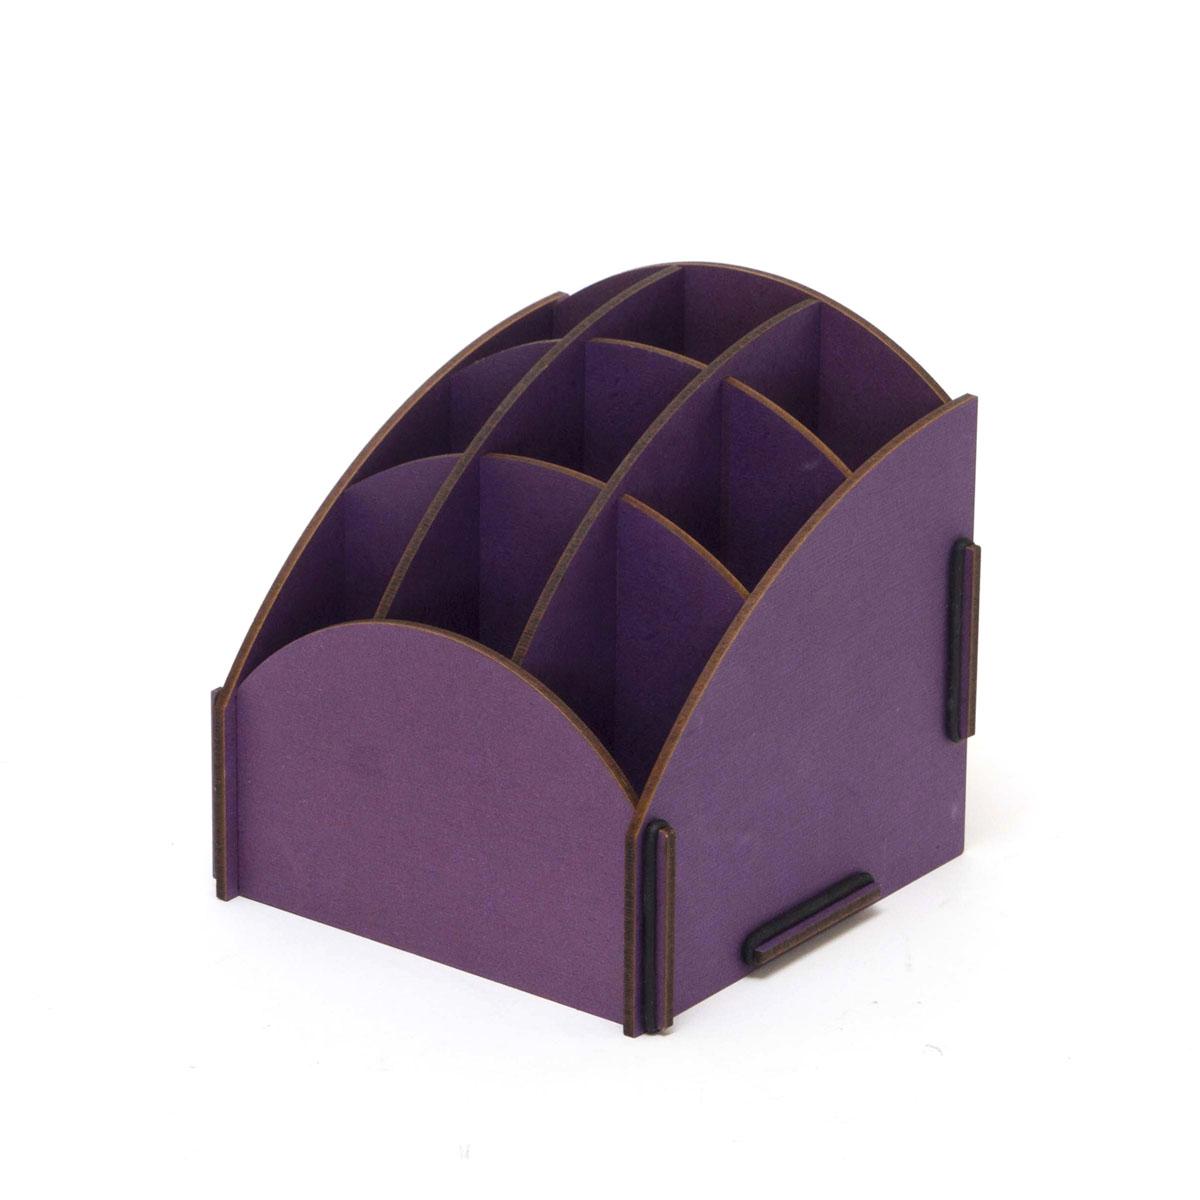 Органайзер настольный Homsu, 9 секций, цвет: фиолетовый, 13,8 x 13,8 x 14 смTD 0033Настольный органайзер Homsu выполнен из МДФ и легко собирается из съемных частей. Изделие имеет 9 отделений для хранения документов, канцелярских предметов и всяких мелочей. Органайзер просто незаменим на рабочем столе, он вместителен и не занимает много места. Оригинальный дизайн дополнит интерьер дома и разбавит цвет в скучном сером офисе. Размер: 13,8 х 13,8 х 14 см.